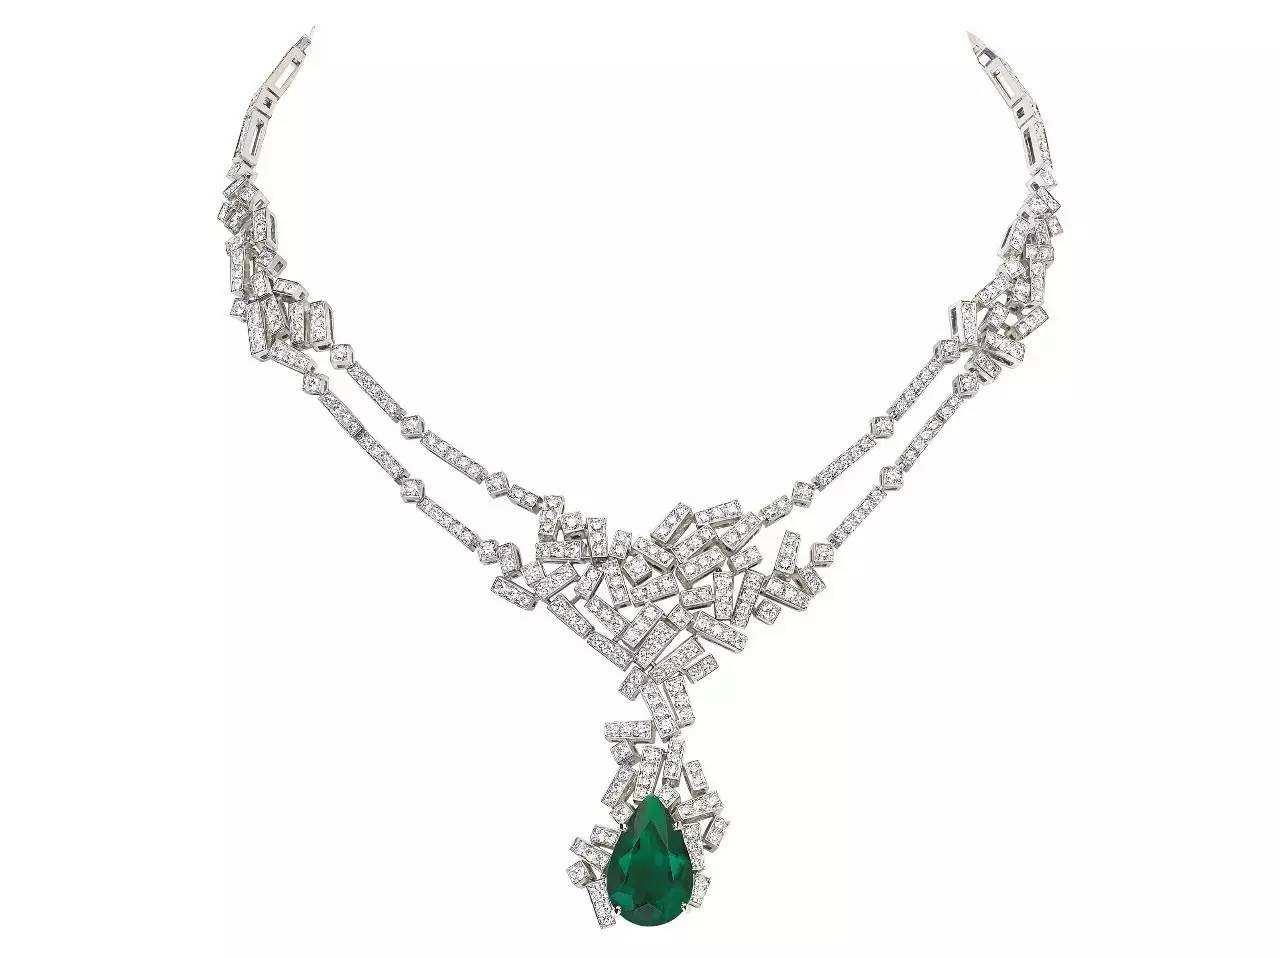 57句做微商在朋友圈发的卖珠宝首饰的广告台词